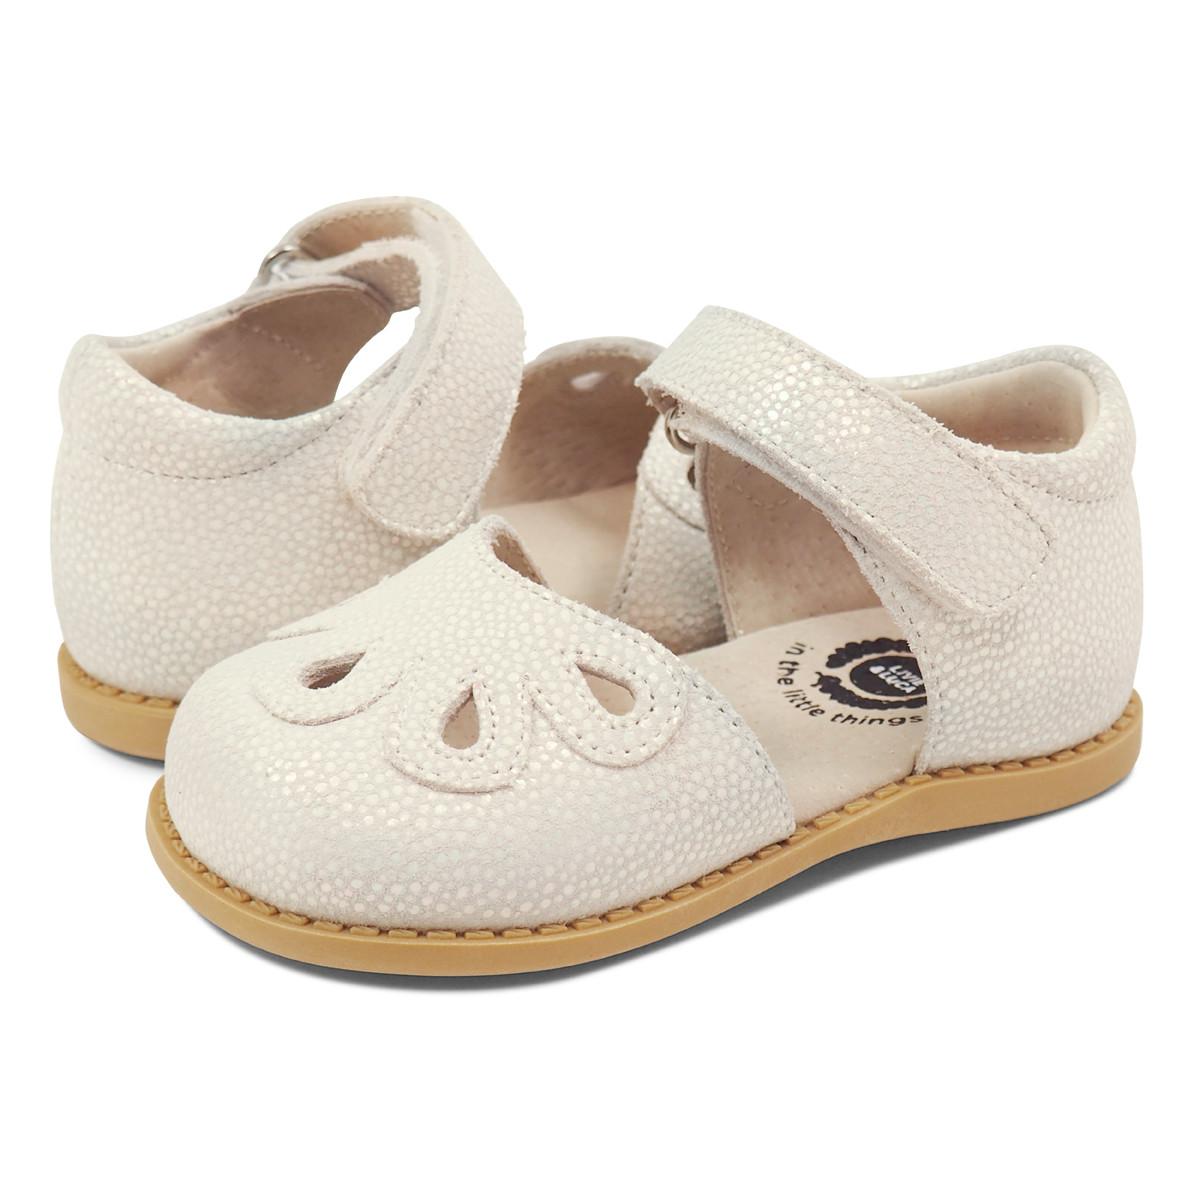 Livie \u0026 Luca Petal Shoes - White Opal